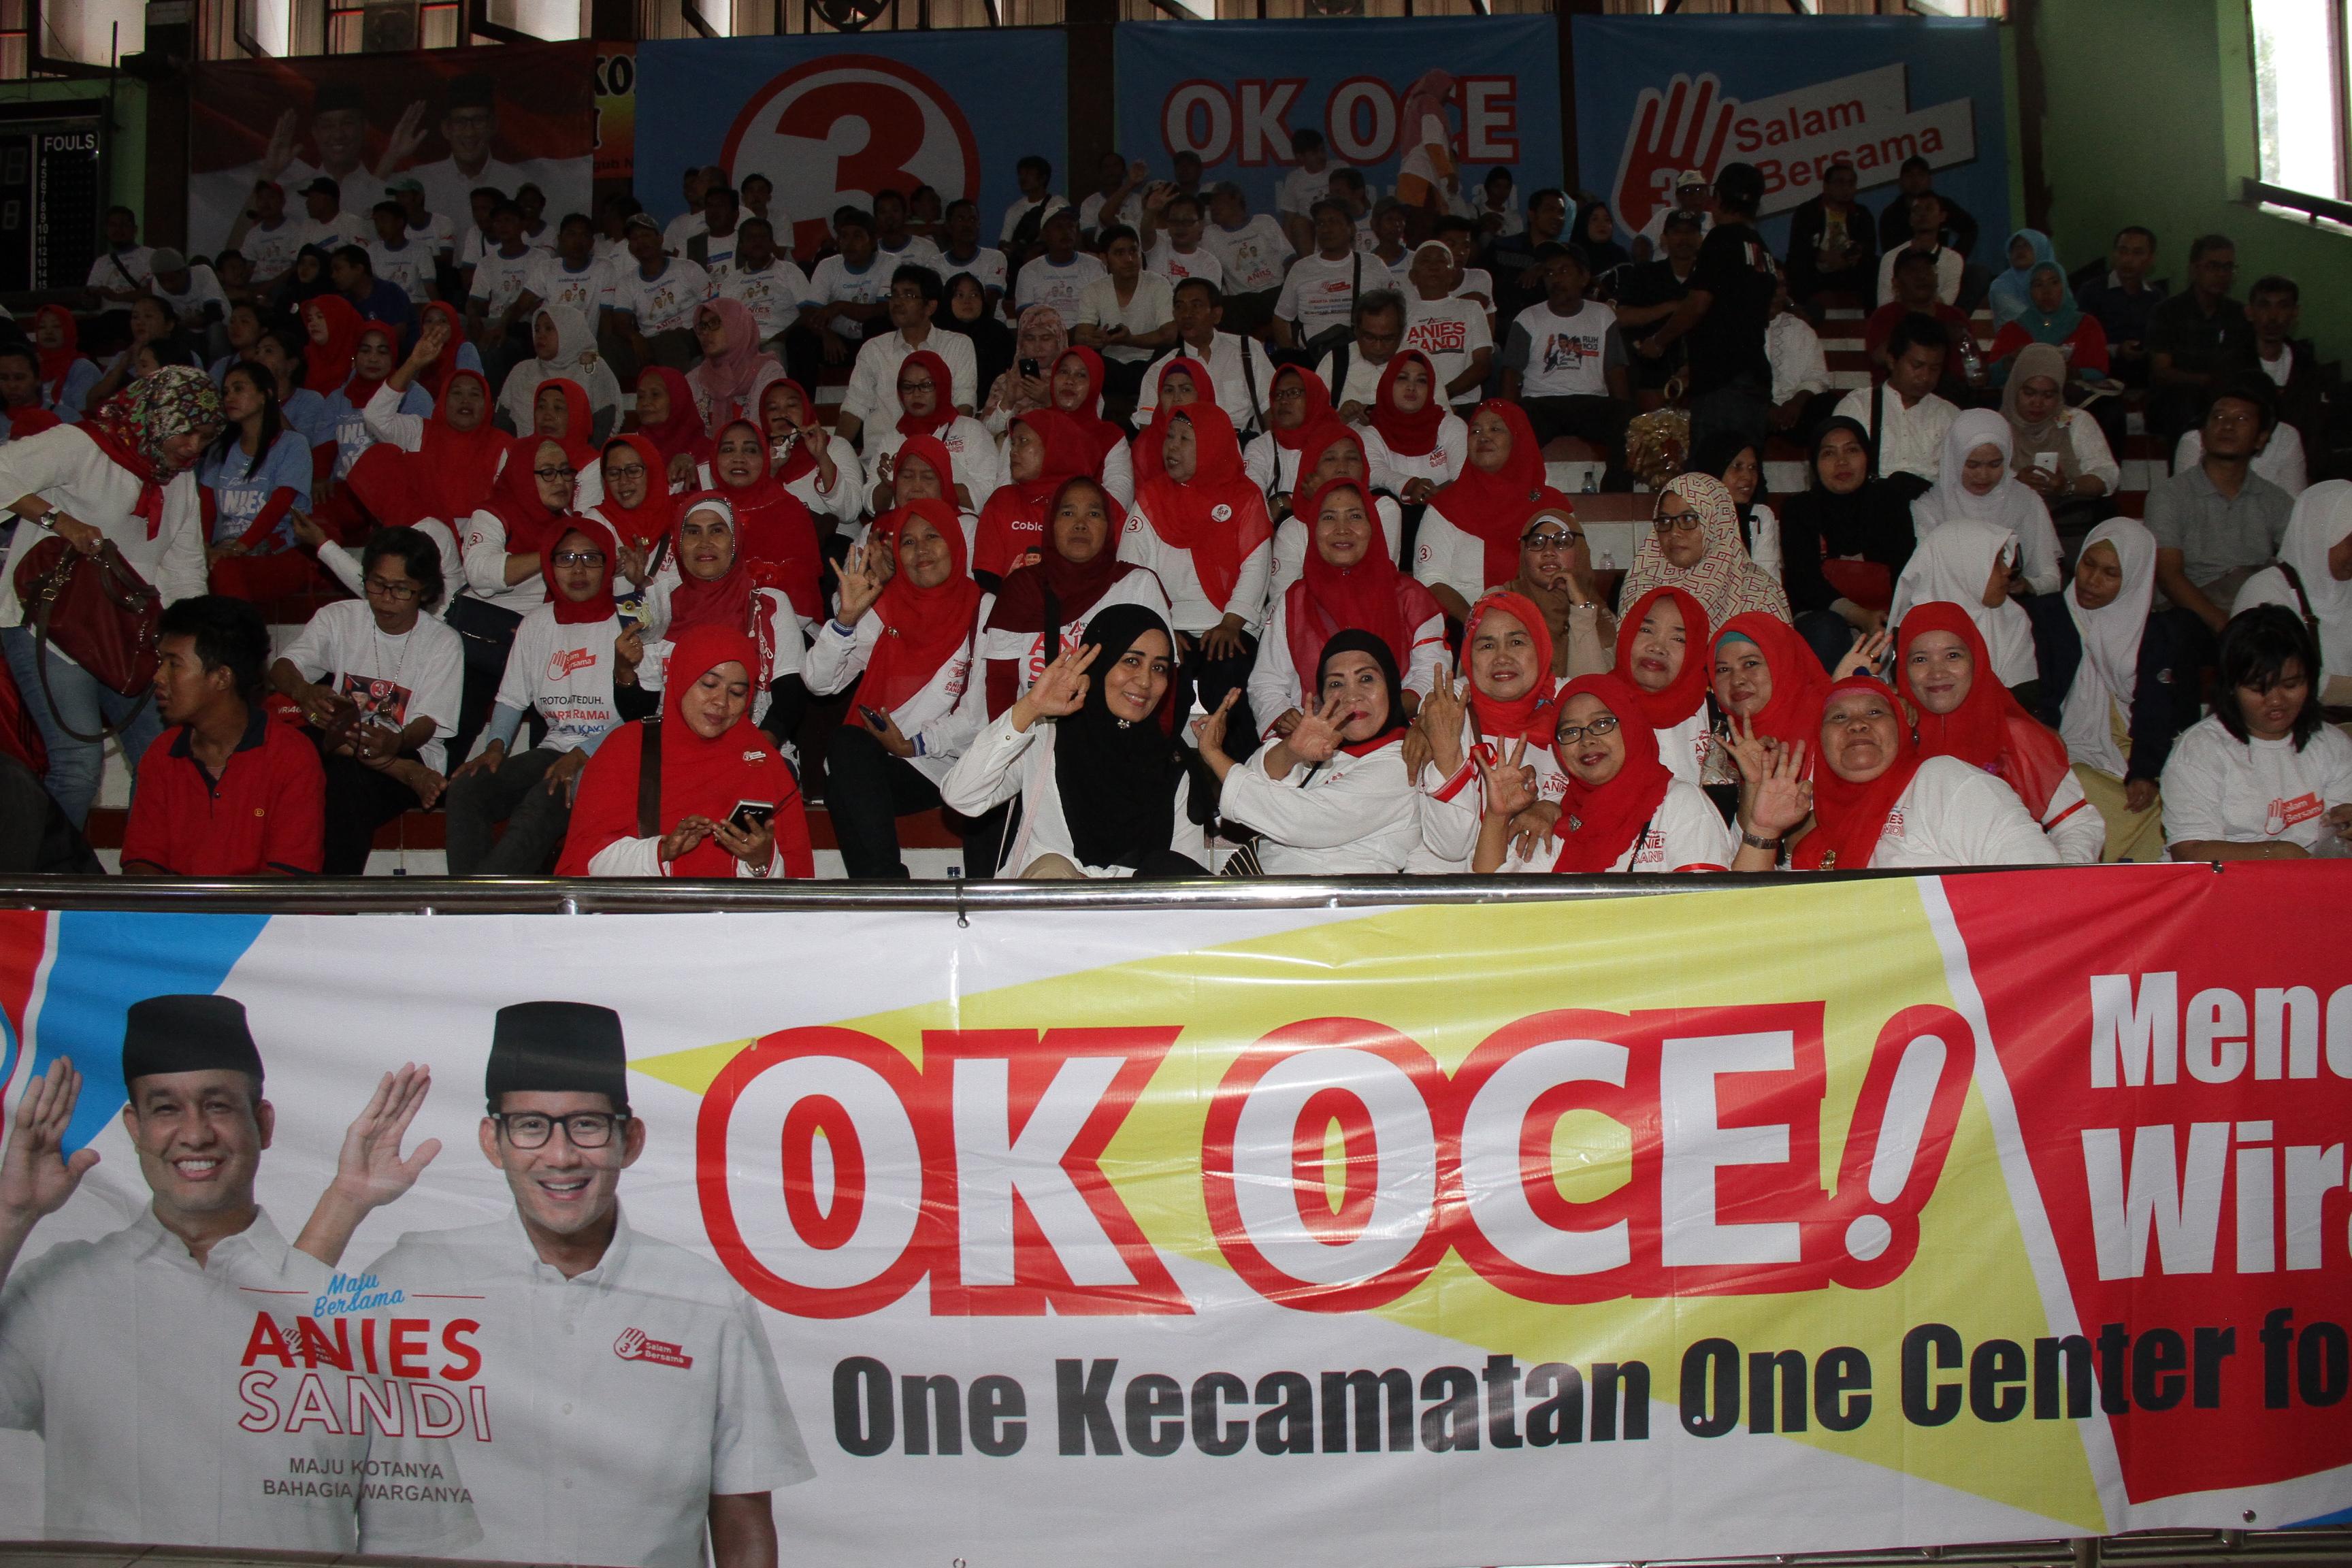 Pelatih OK OCE Ajarkan Teknik Branding Untuk Meningkatkan Penjualan